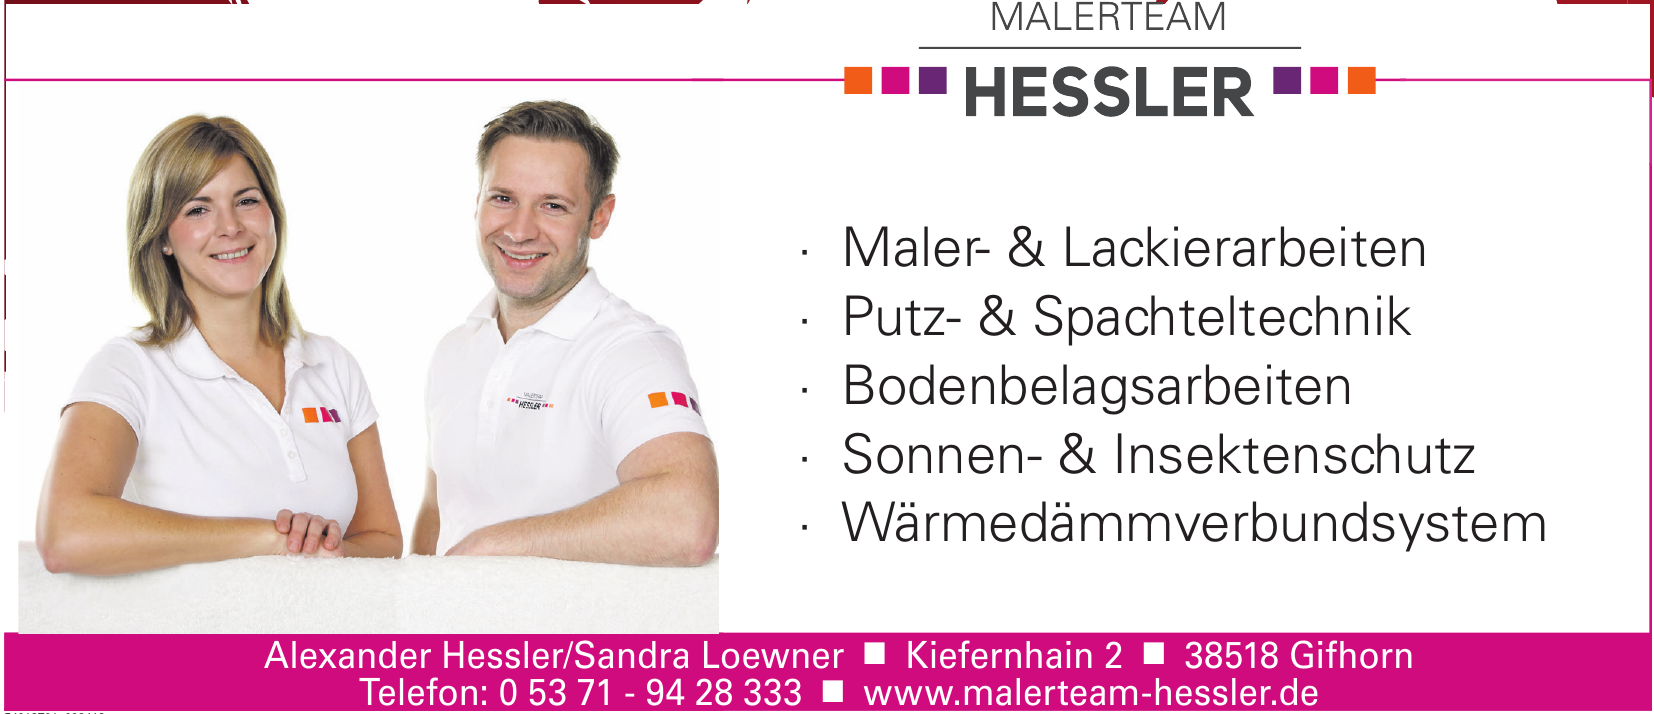 Malerteam Hessler